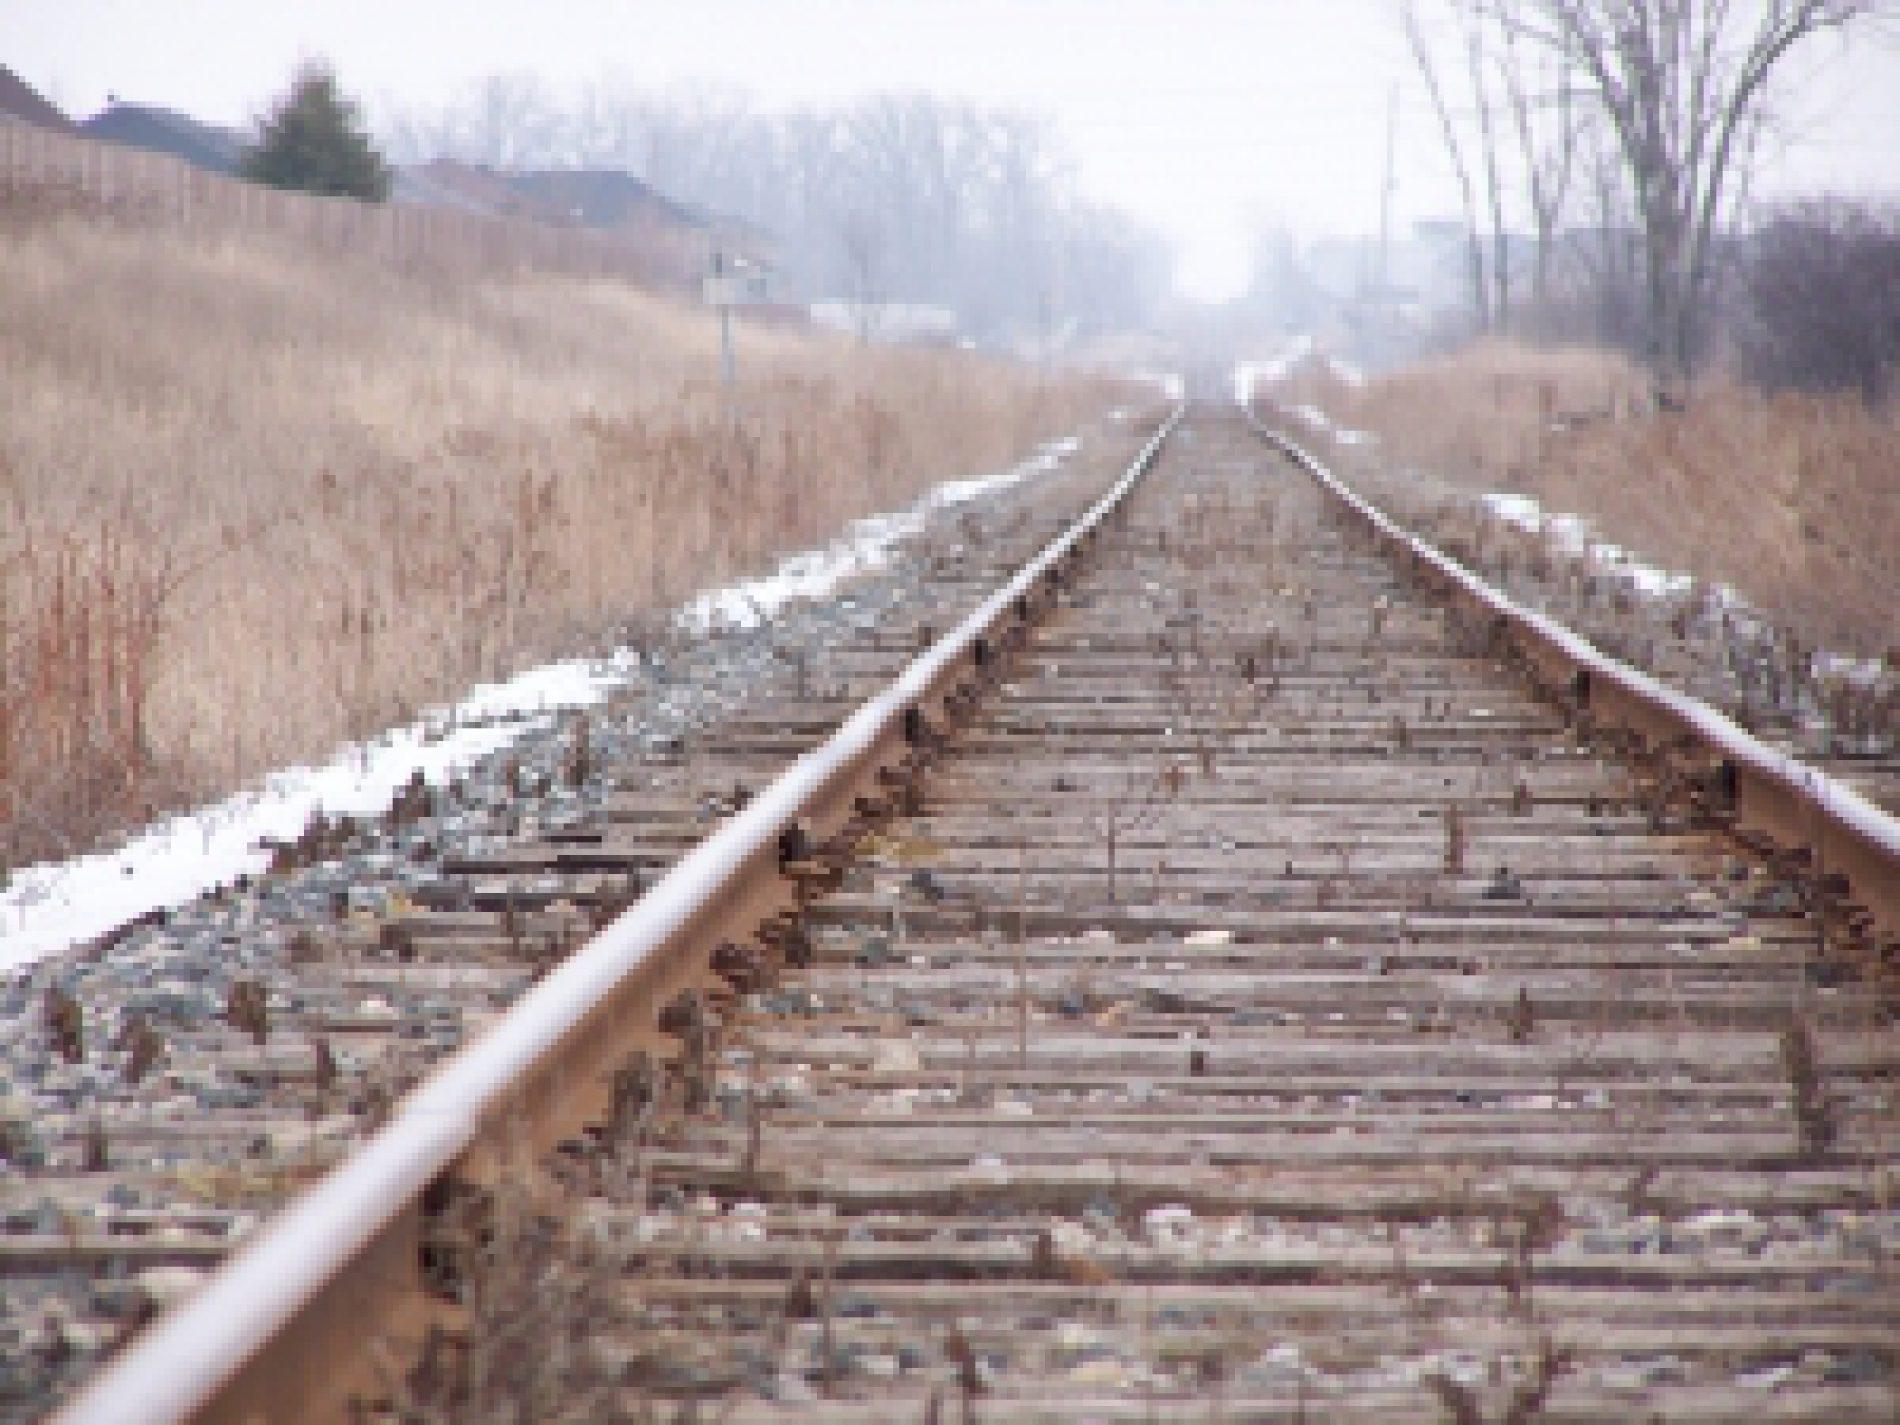 W styczniu ruszy bezpośrednie połączenie kolejowe do lotniska w Szymanach